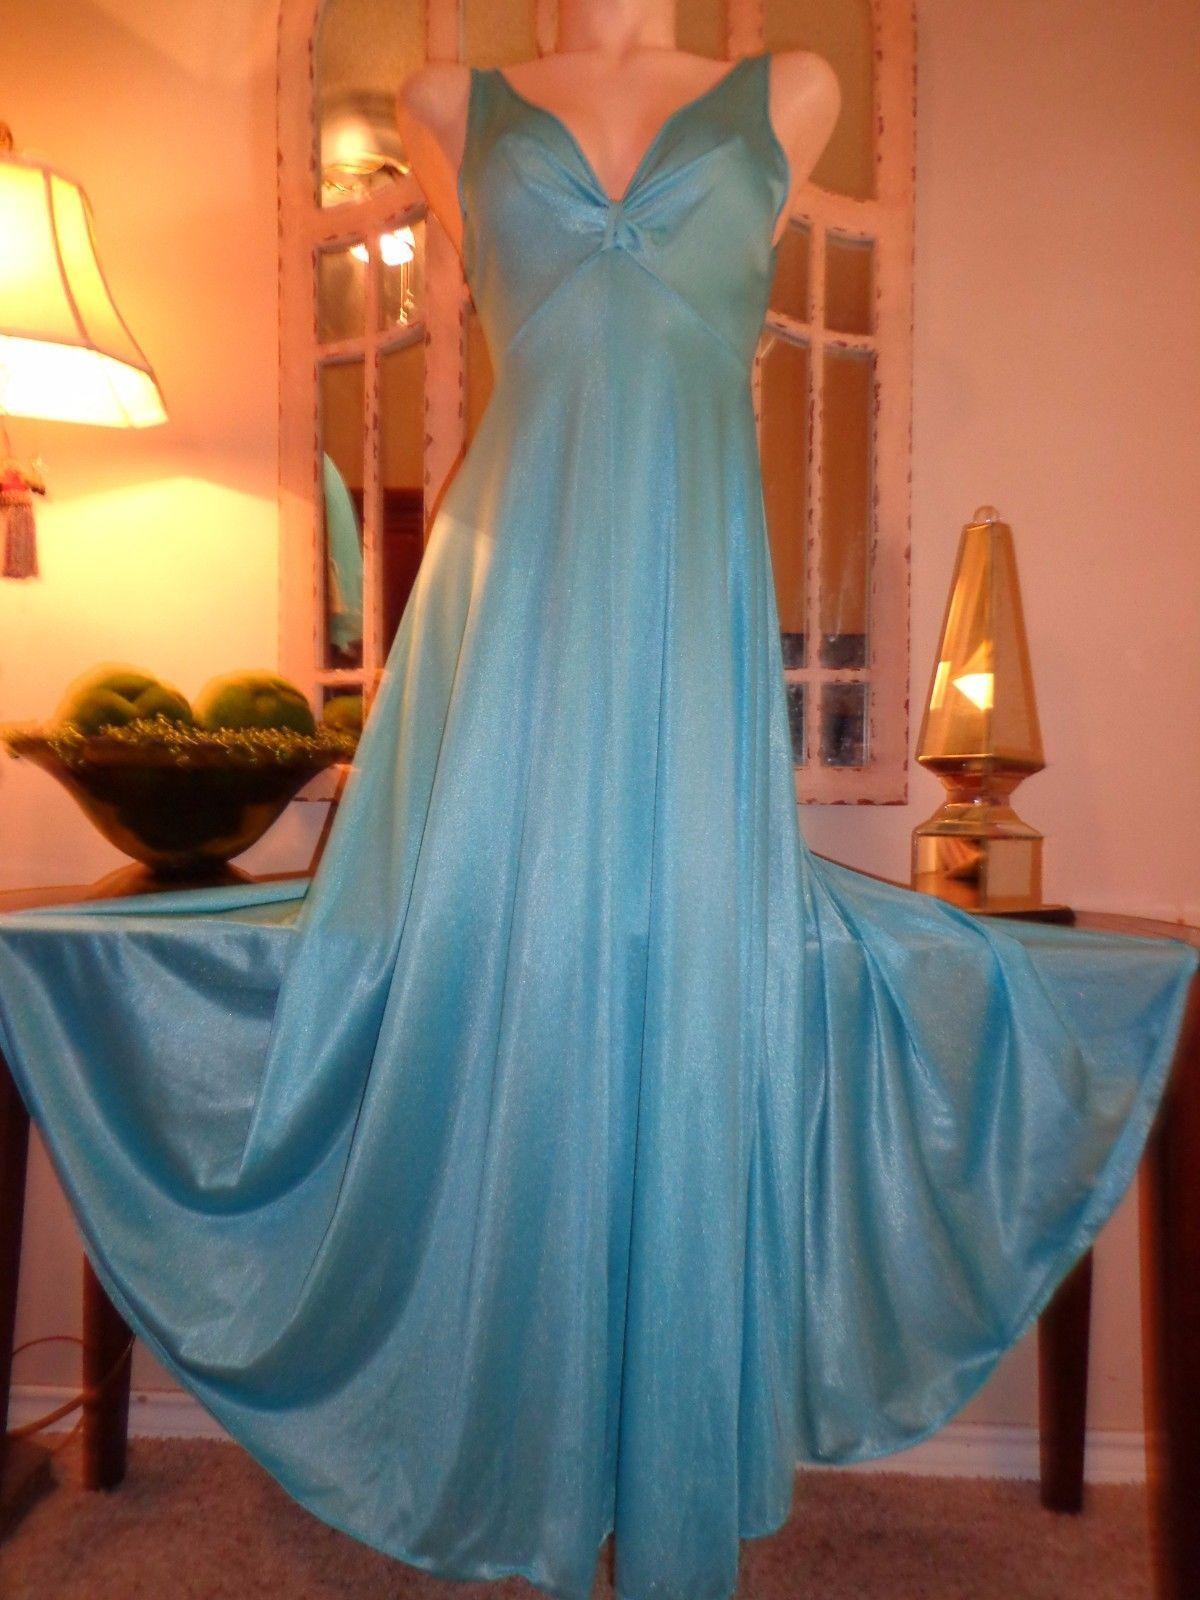 951c16e321 Vintage Olga Nightgown Robe Set Blue Twisttop Gown Sheer Chiffon Peignoir M  L